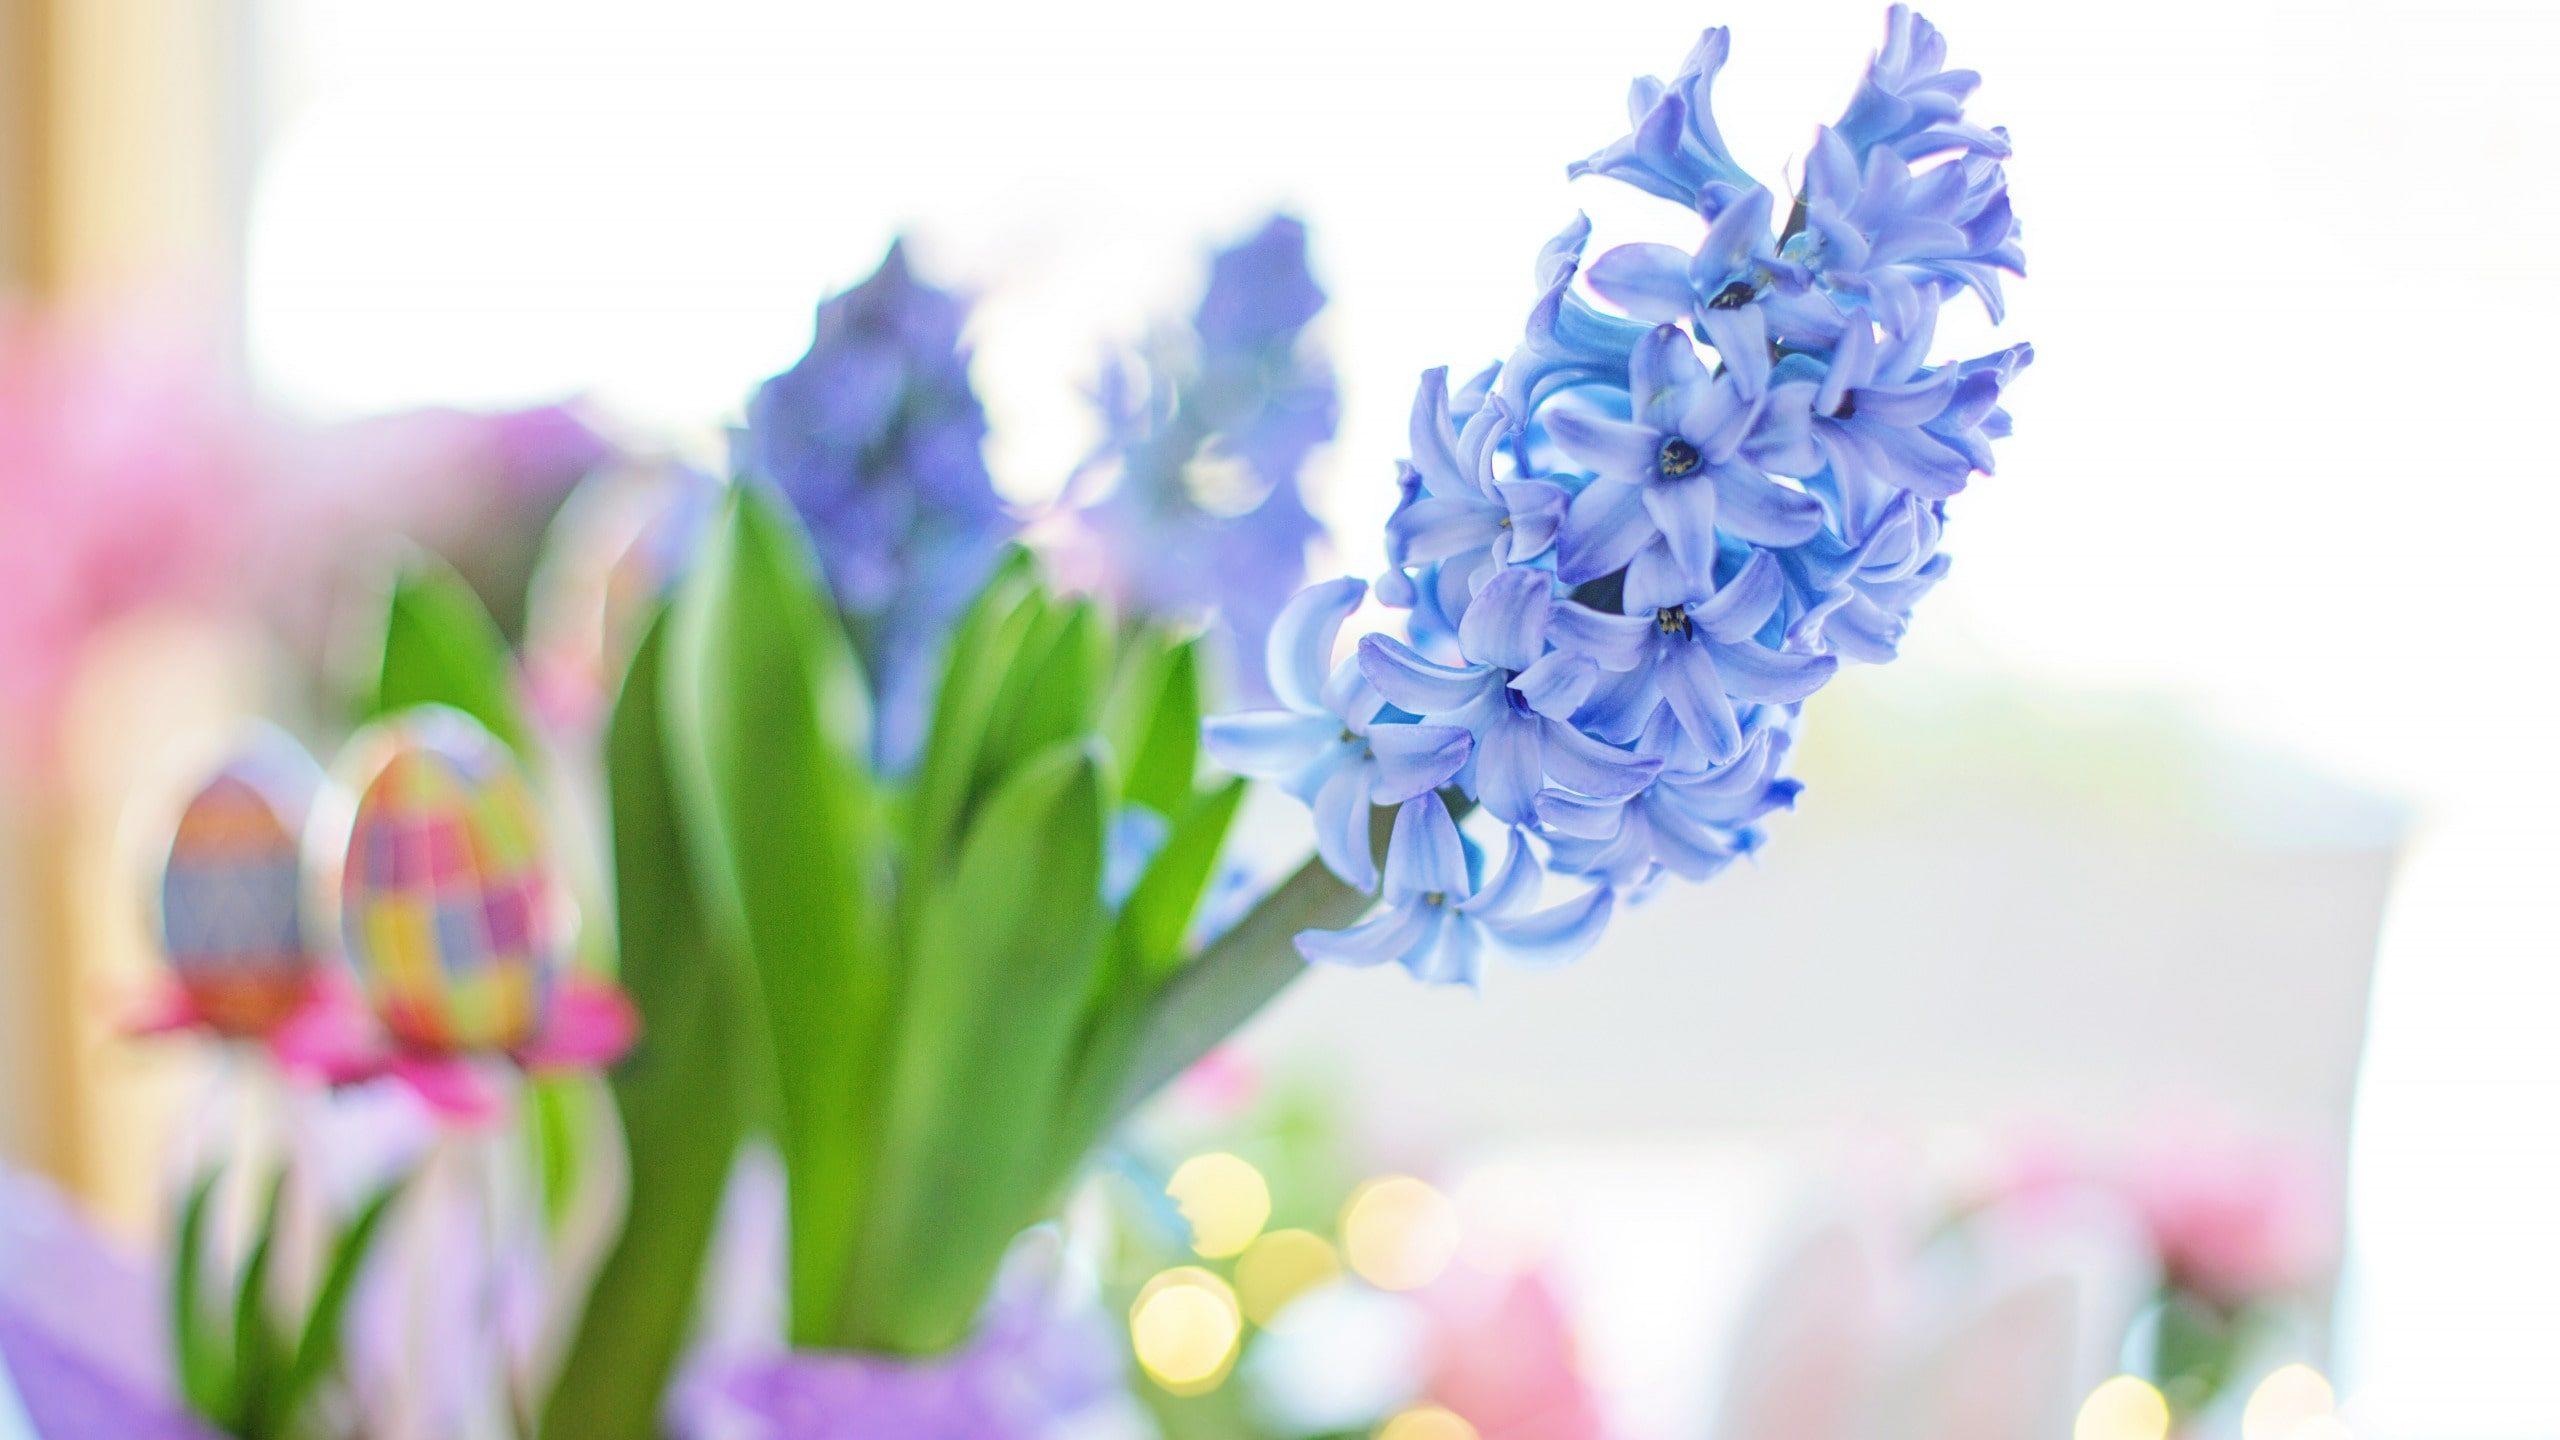 عکس گل سنبل آبی کمرنگ برای پروفایل